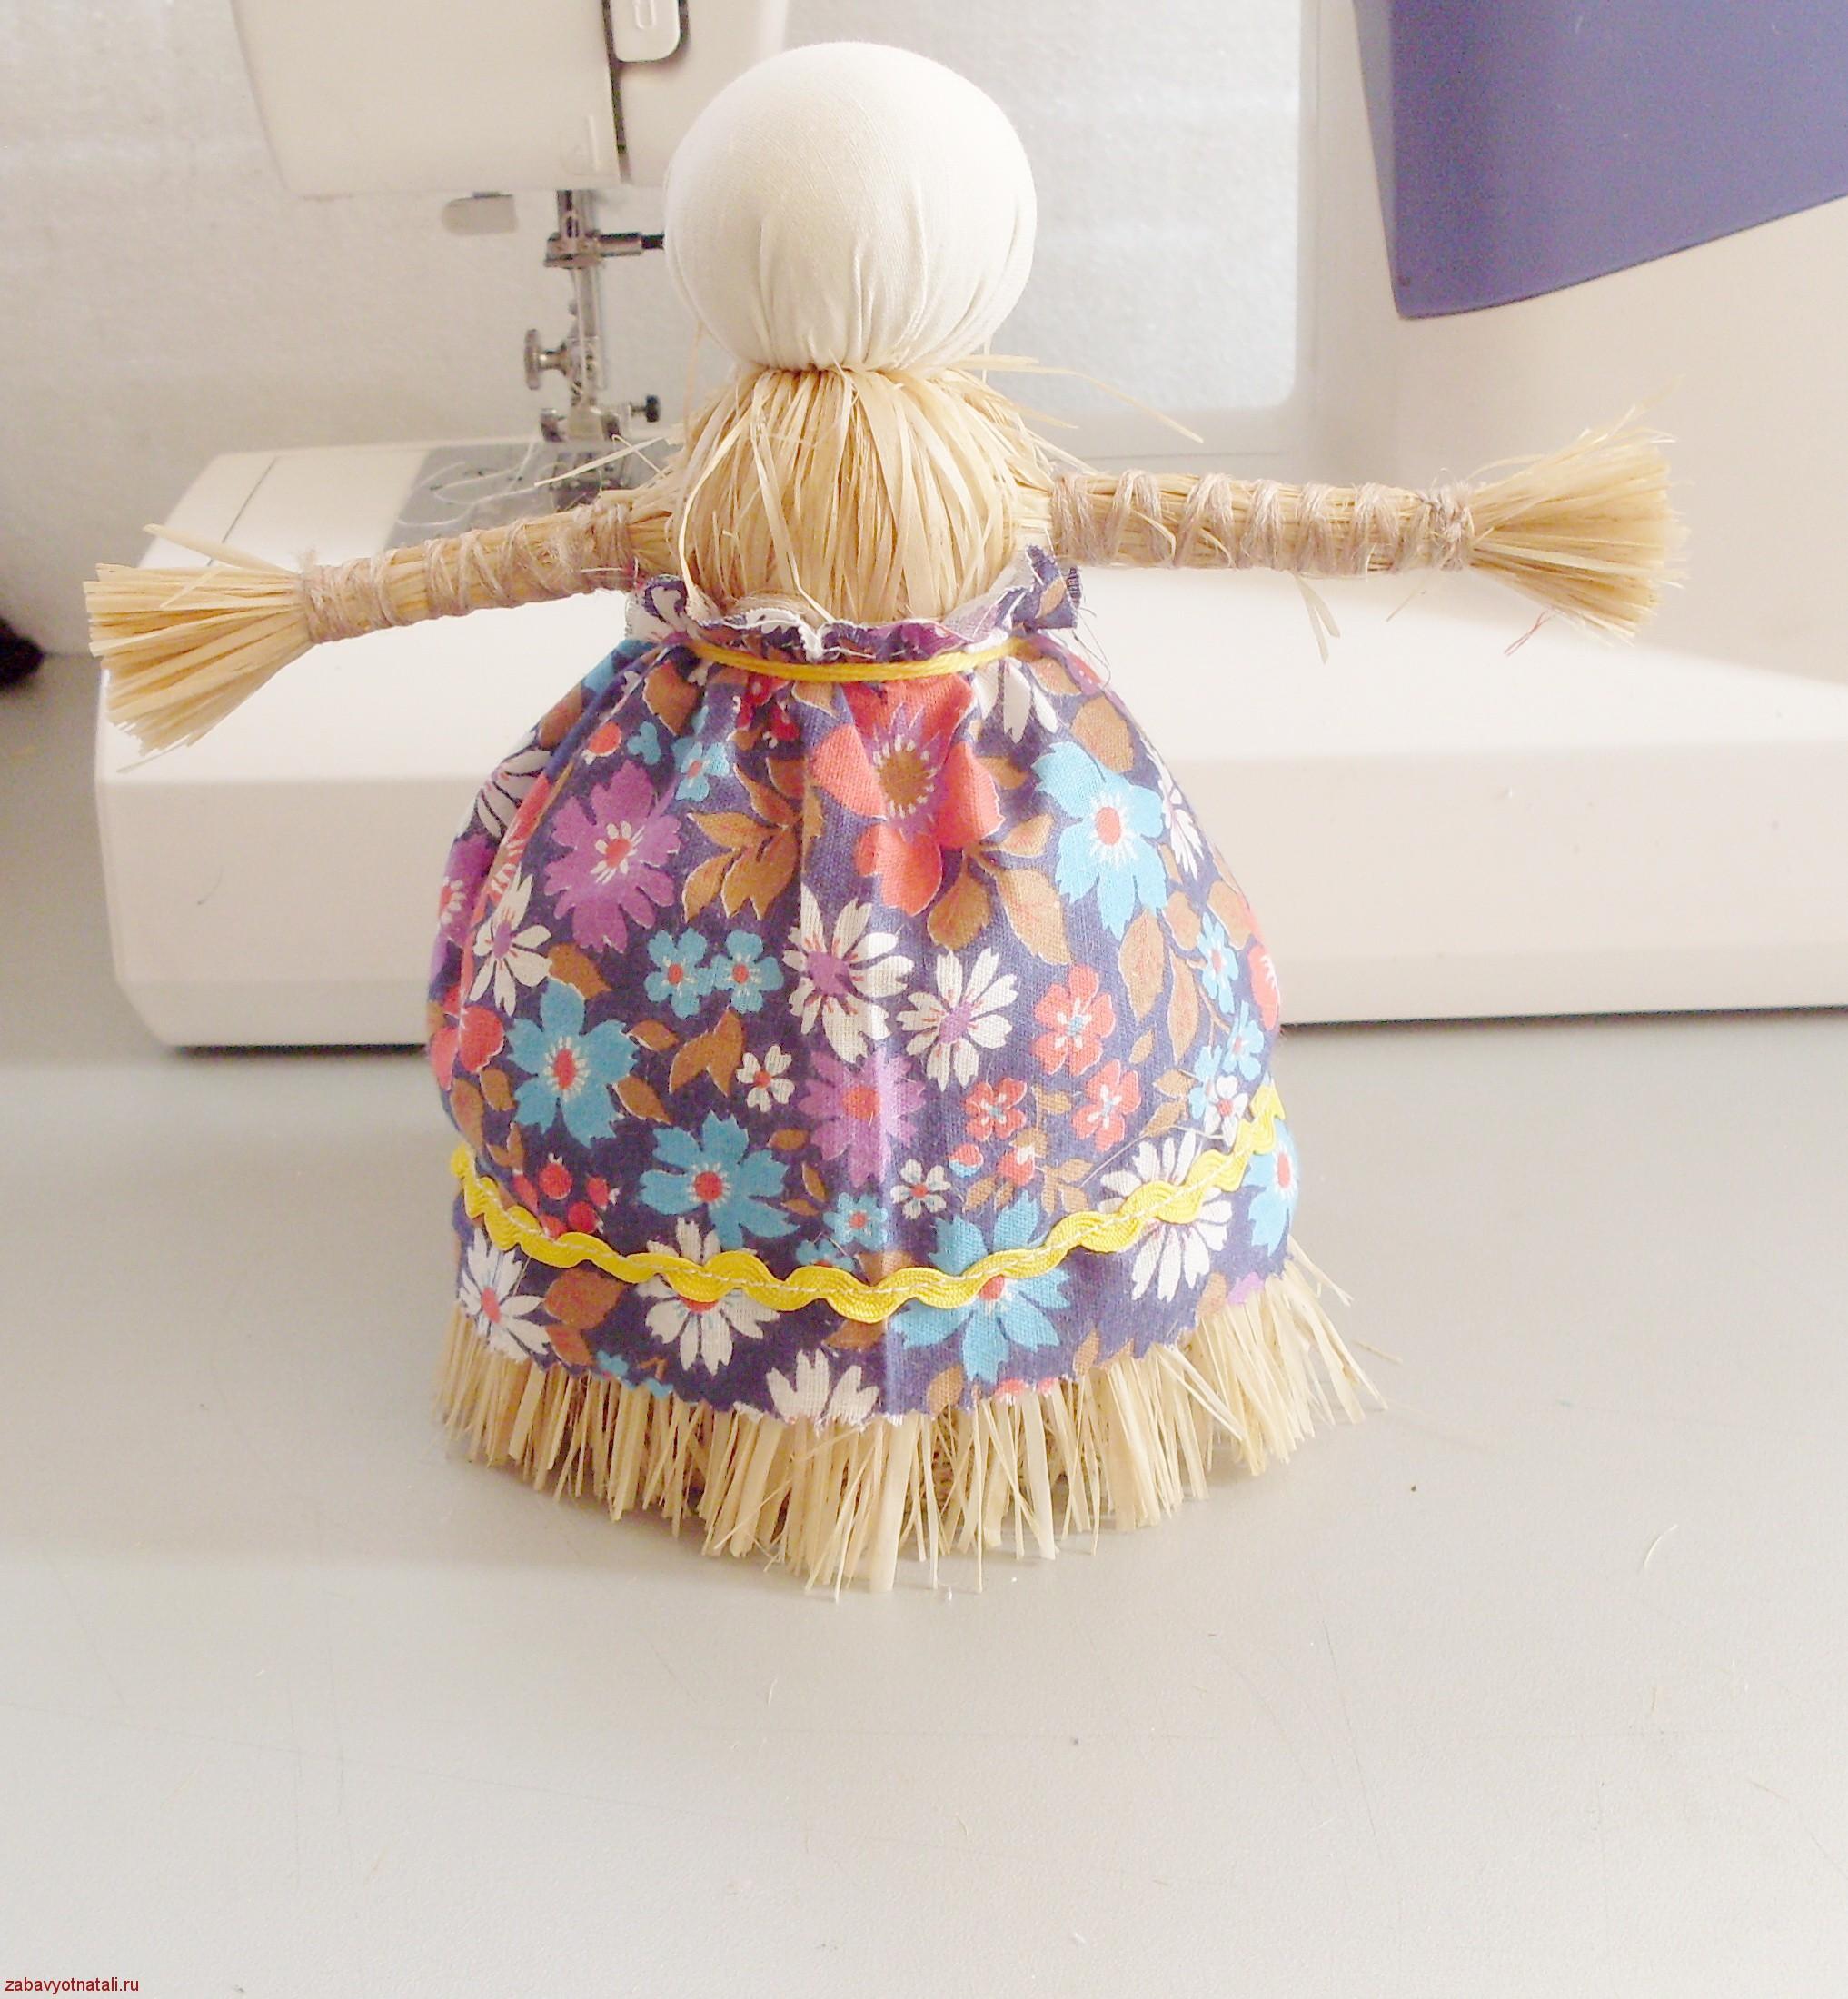 Как сделать из ткани куклы: выкройки и советы /